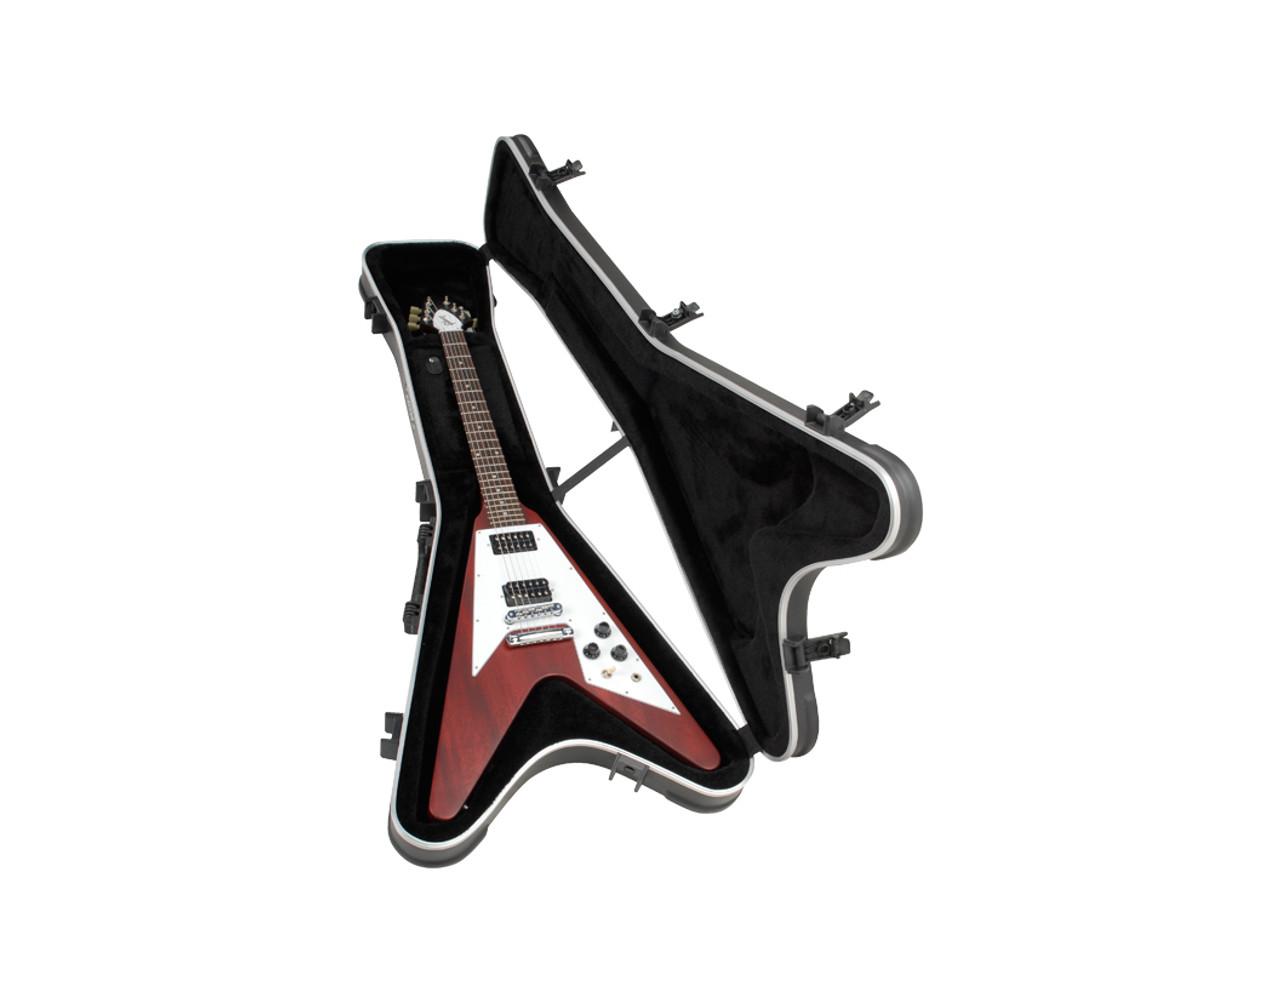 1a8b2c5624 ... SKB Cases 1SKB-58 Flying Vå¨ Hardshell Guitar Case ...